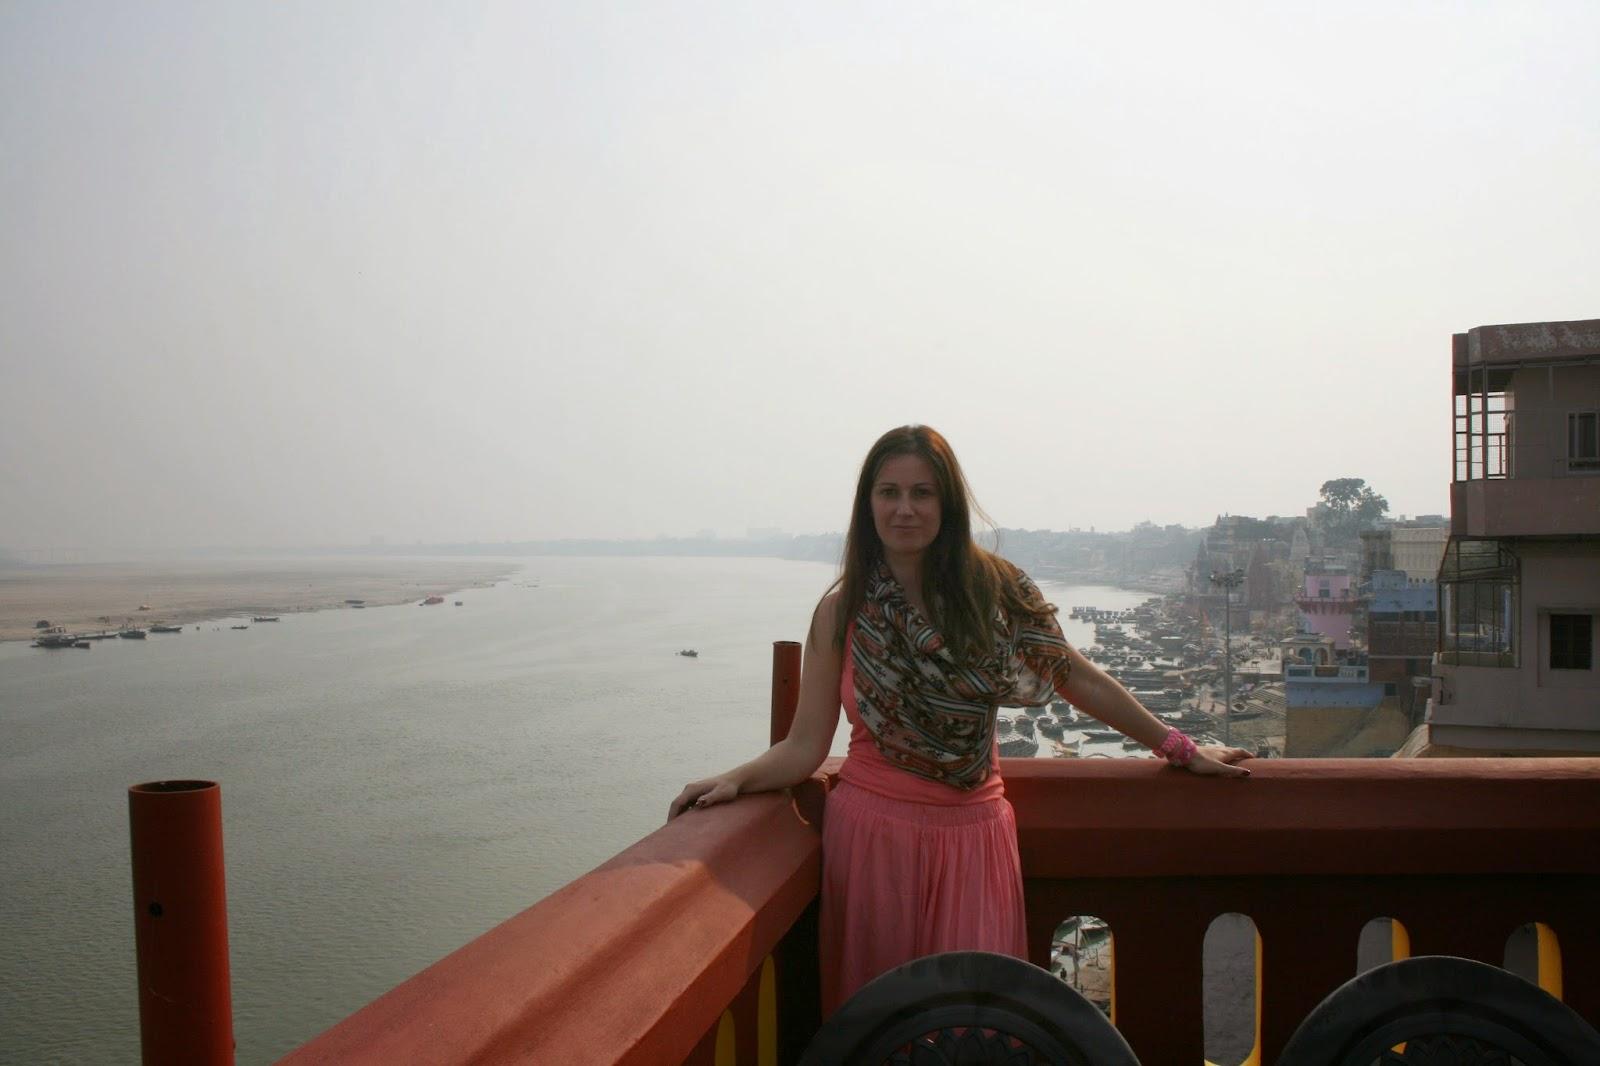 Viaje a India: hotel Ganpati guesthouse frente al rio Ganges en Varanasi (Benares)